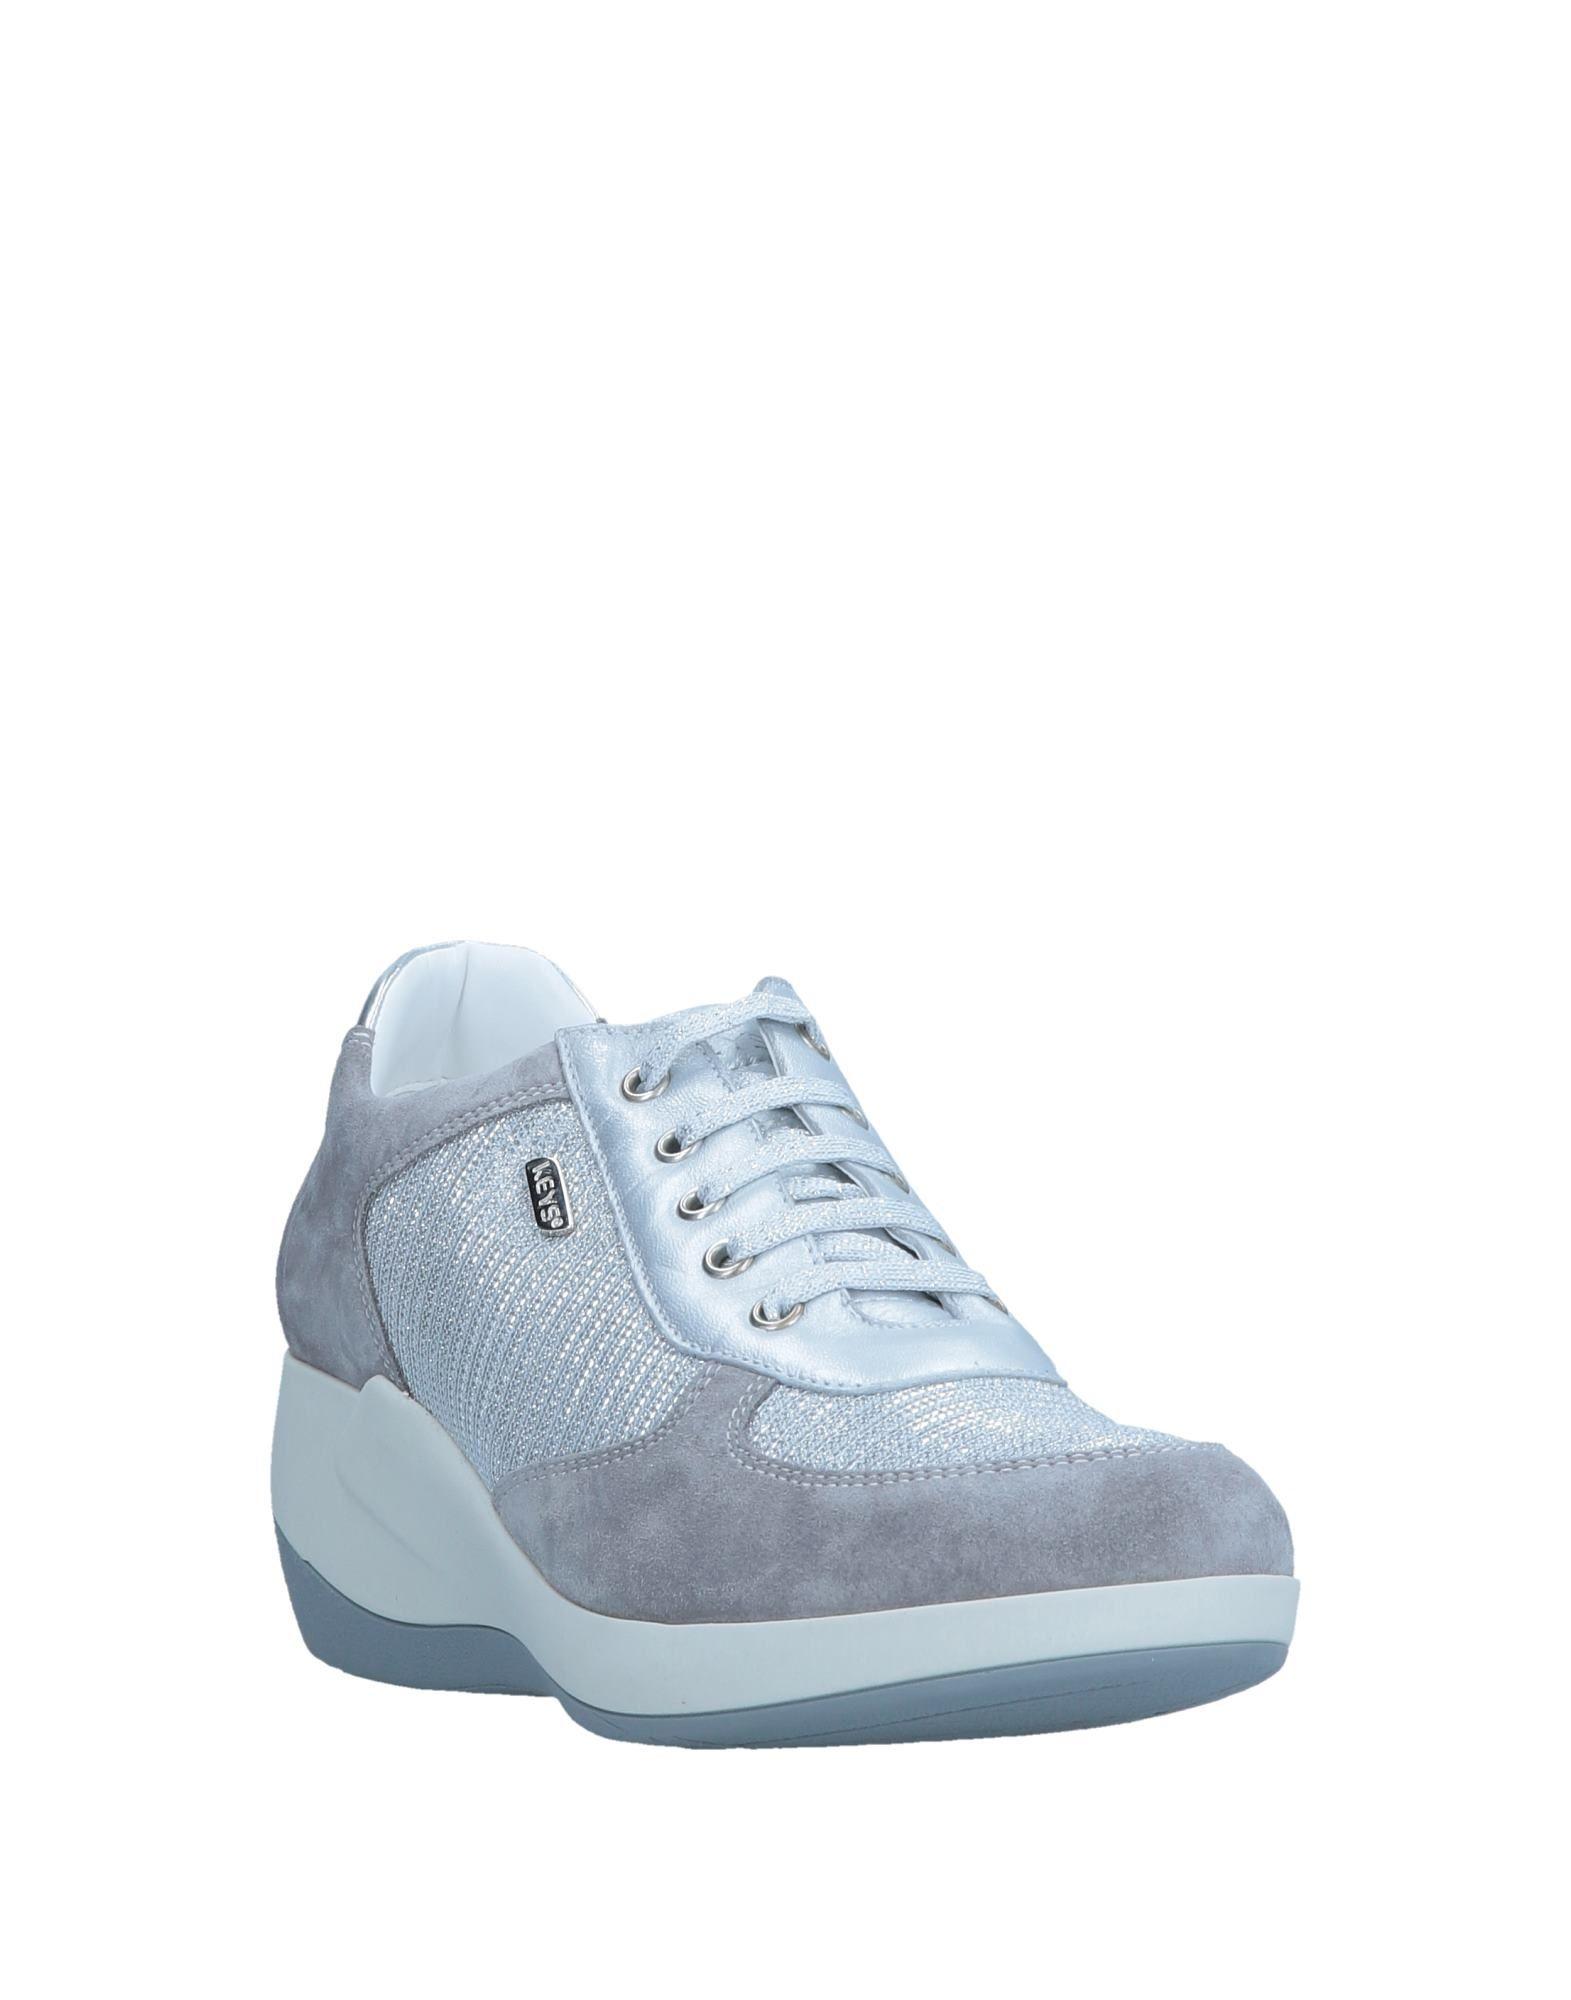 Keys Sneakers Damen  11554333PD Schuhe Gute Qualität beliebte Schuhe 11554333PD 7dbe43